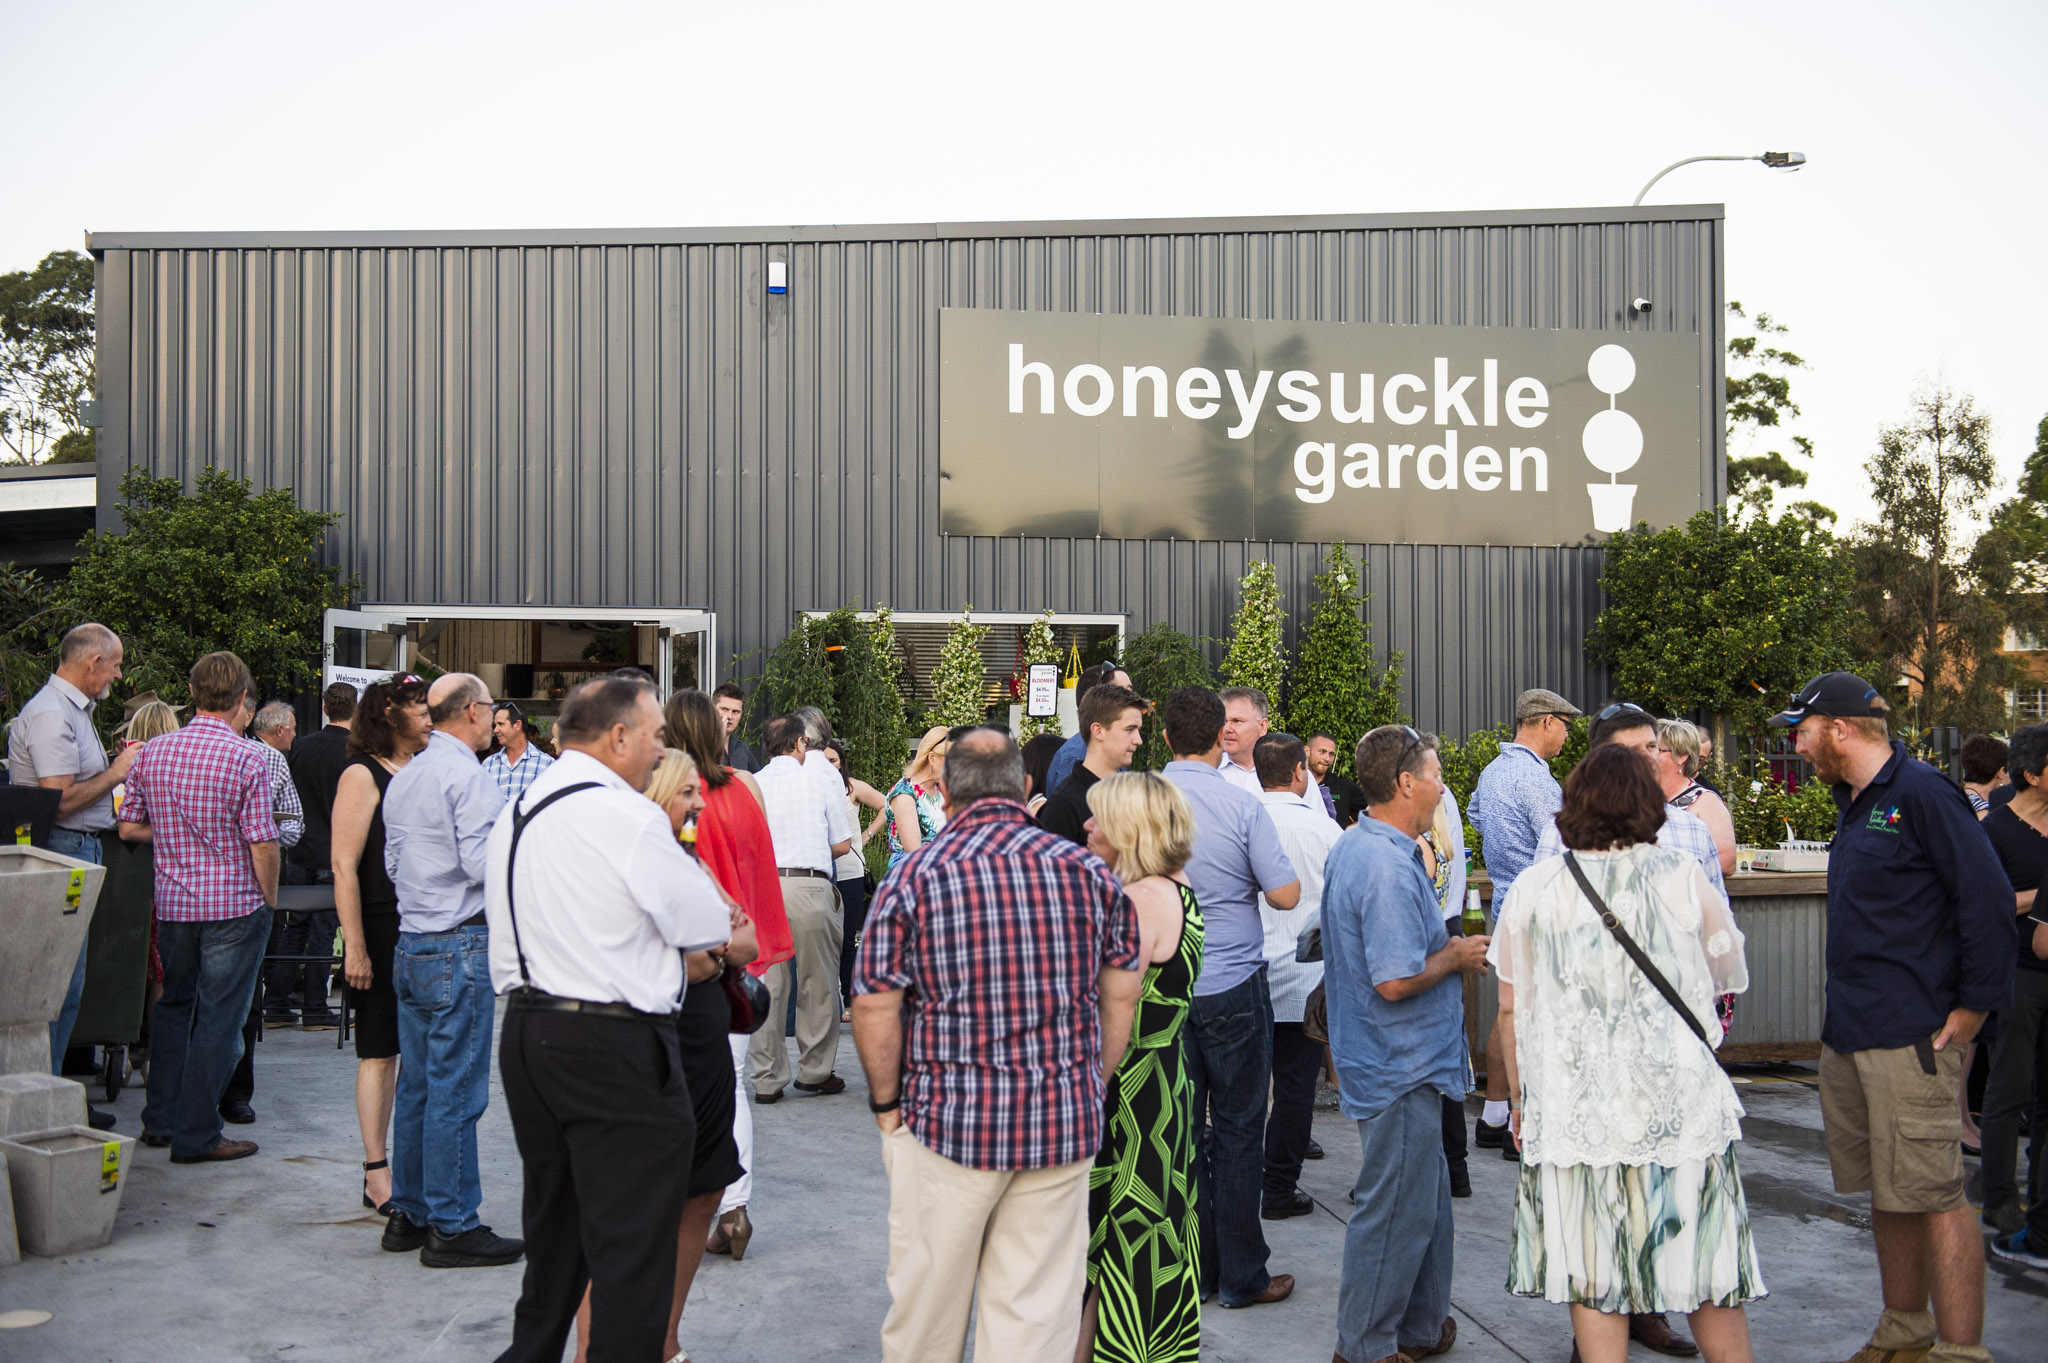 151016-HoneySuckleGarden-Event-WebRes-2352.jpg